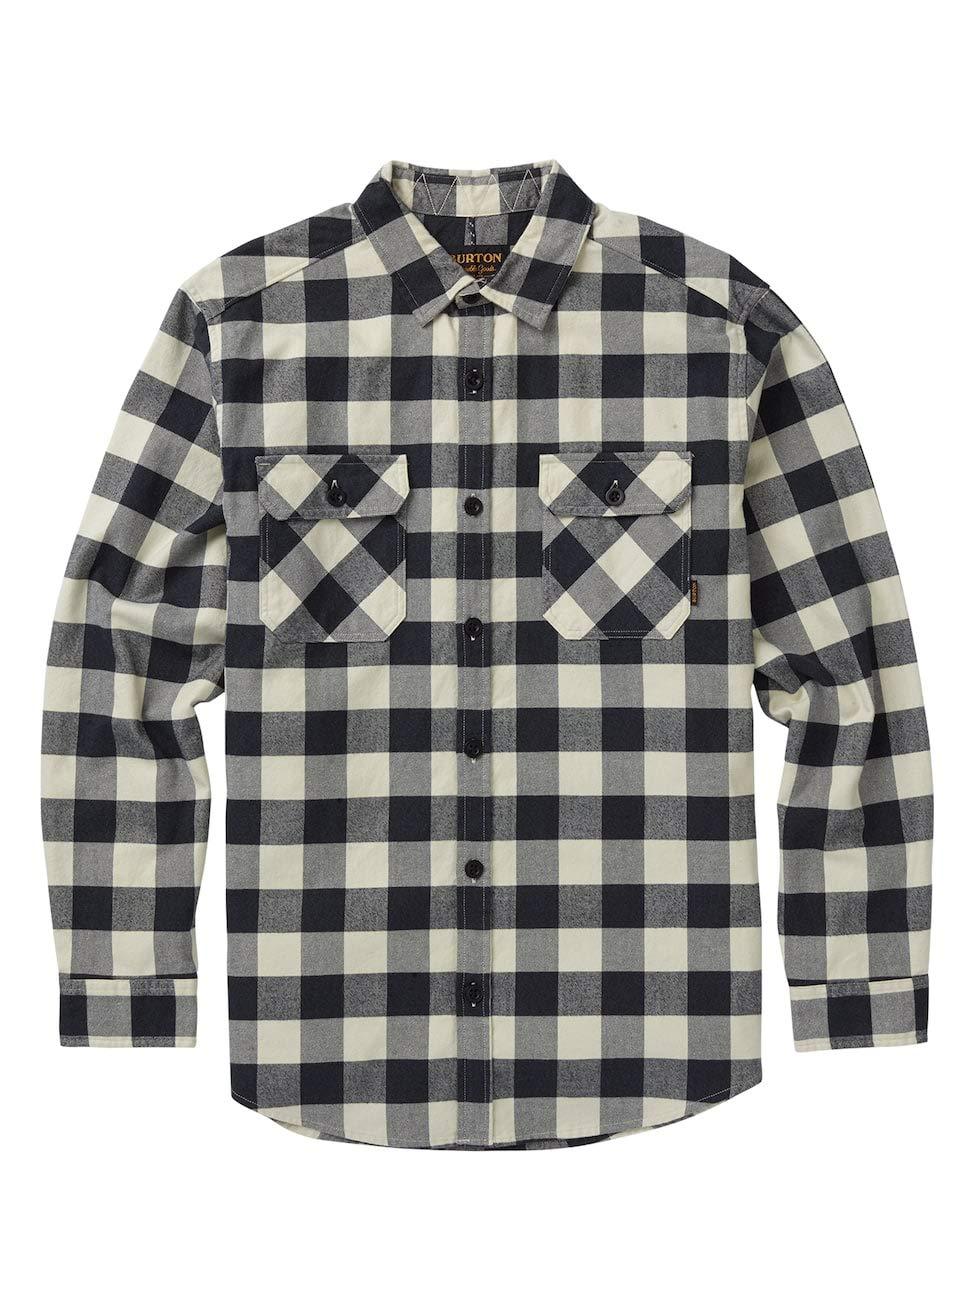 Burton Brighton Flannel Camisa, Hombre